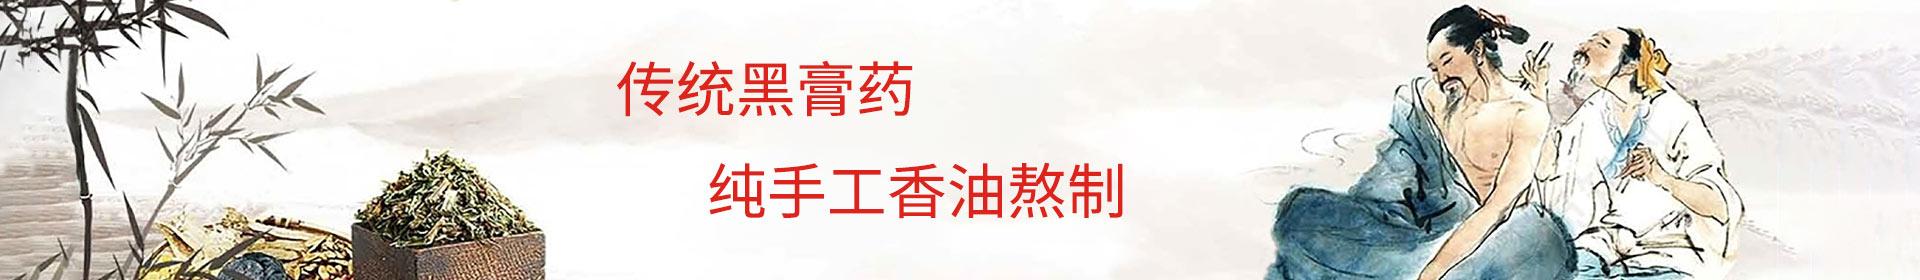 赵氏生物科技banner